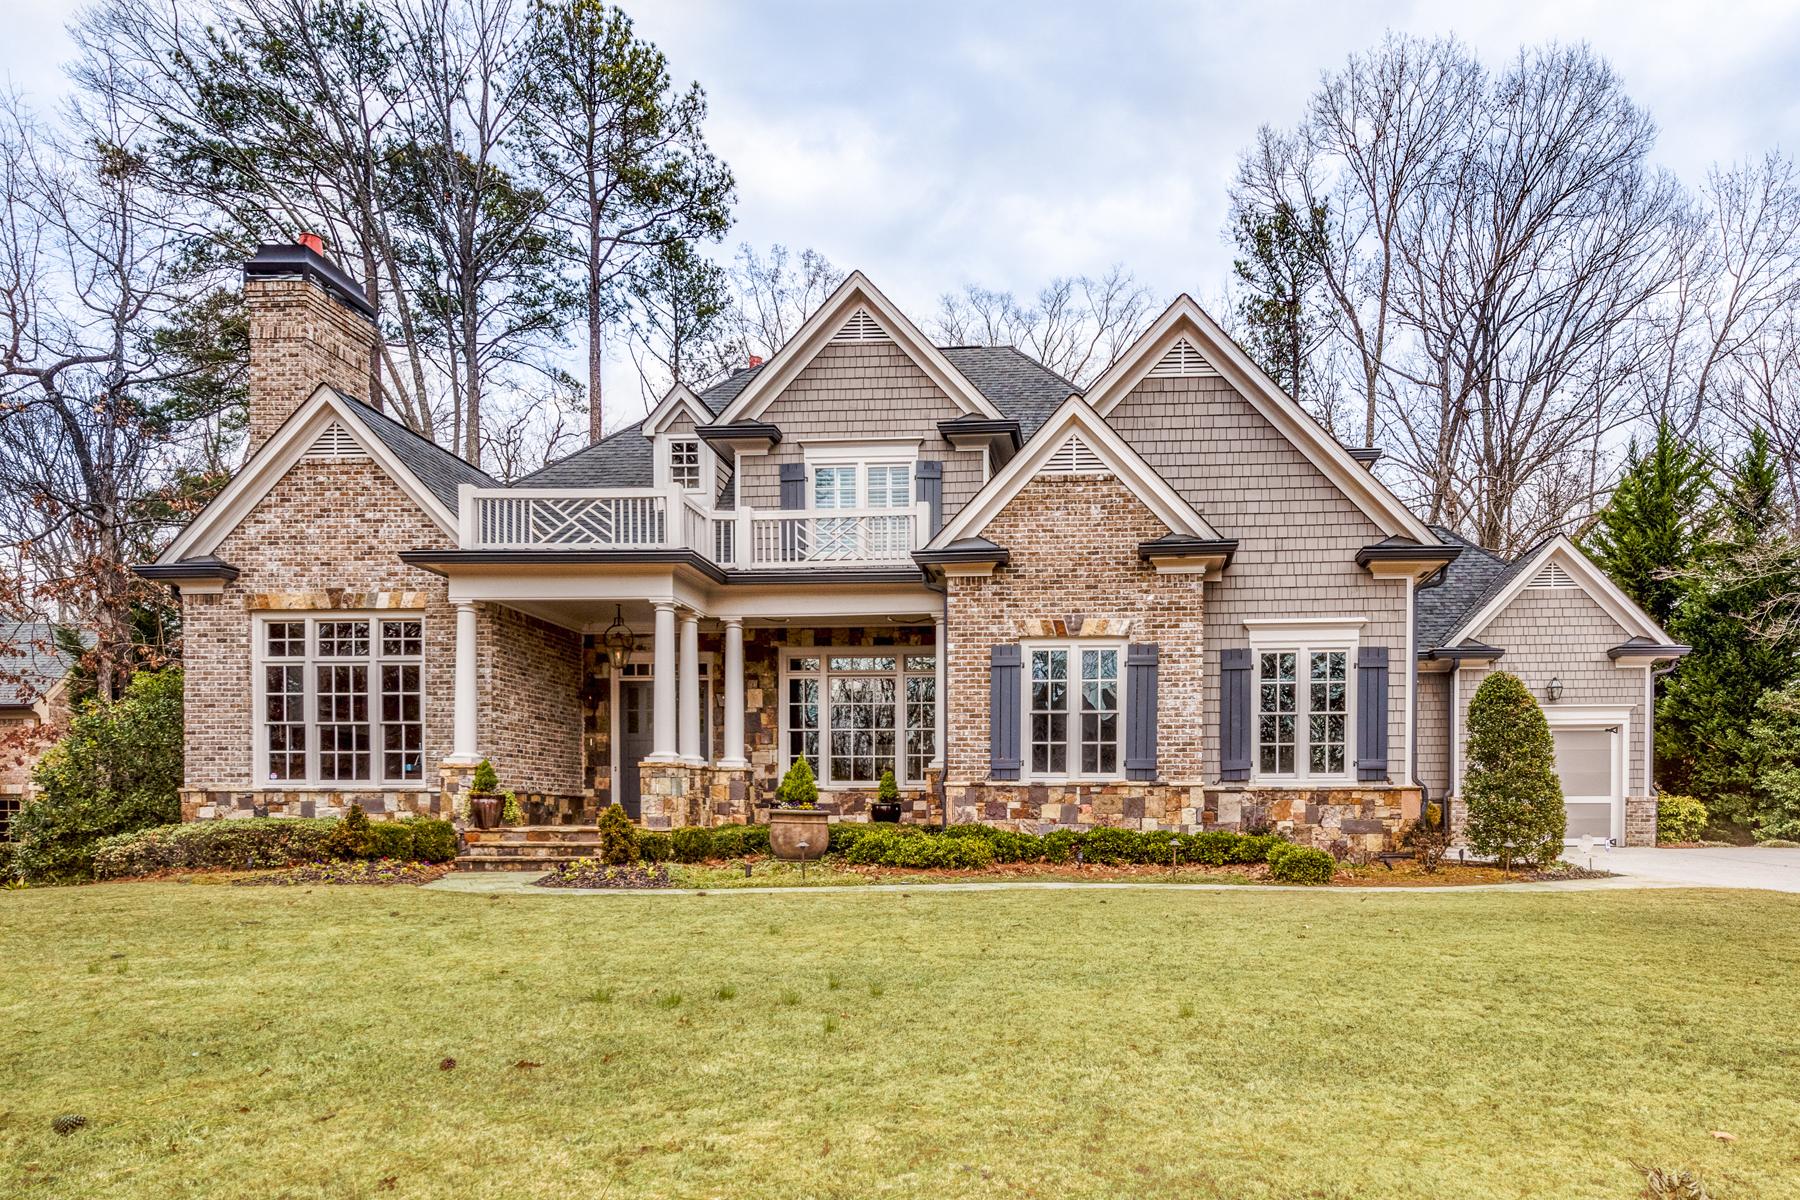 Частный односемейный дом для того Продажа на Custom Built Traditional 635 Colebrook Court Atlanta, Джорджия, 30327 Соединенные Штаты